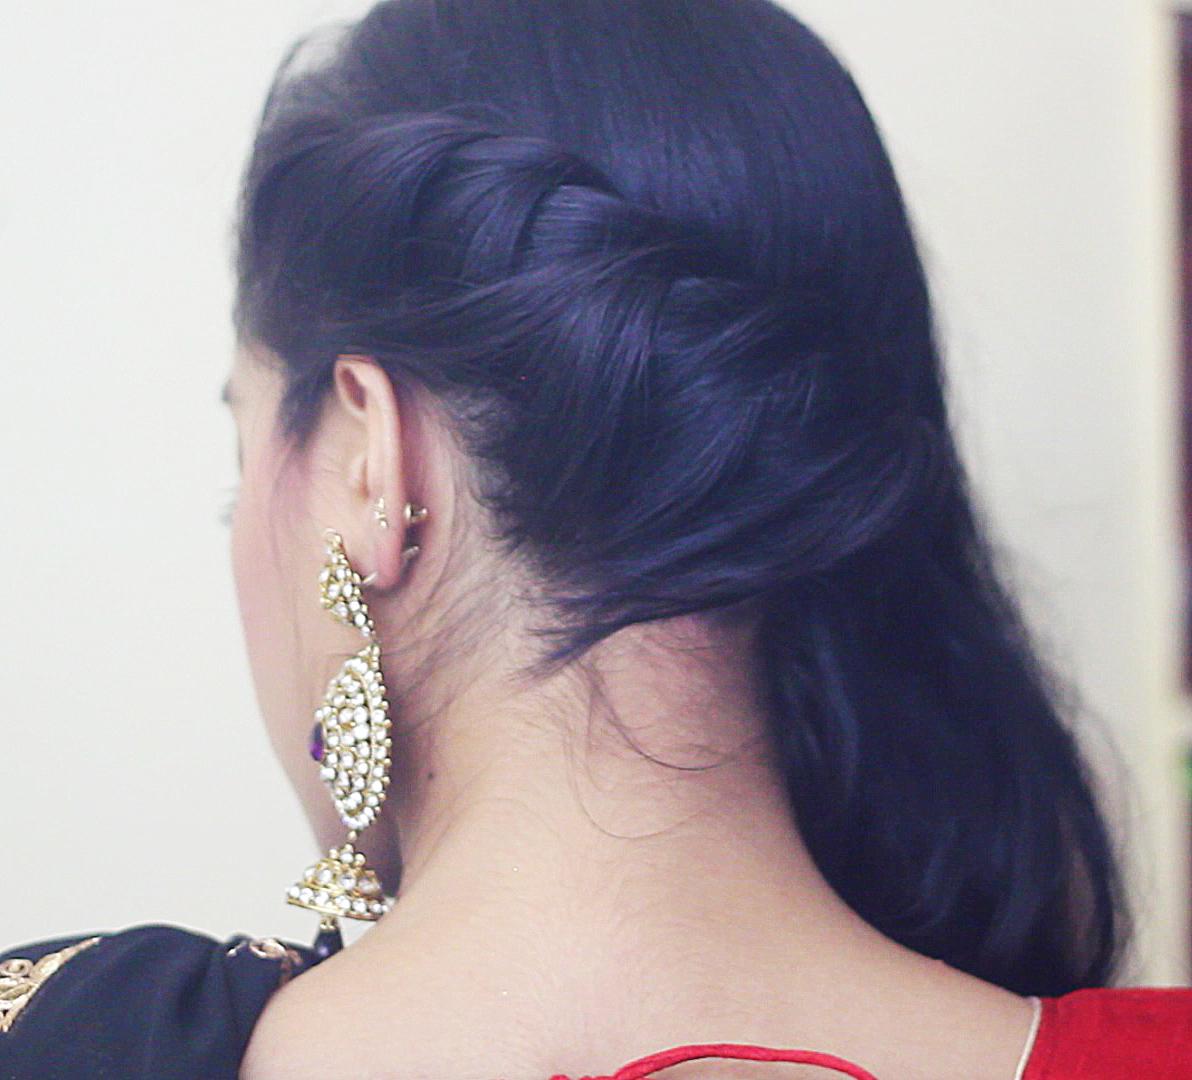 EASY DIWALI MAKEUP AND HAIRSTYLE Debasree Banerjee - Hairstyle easy video